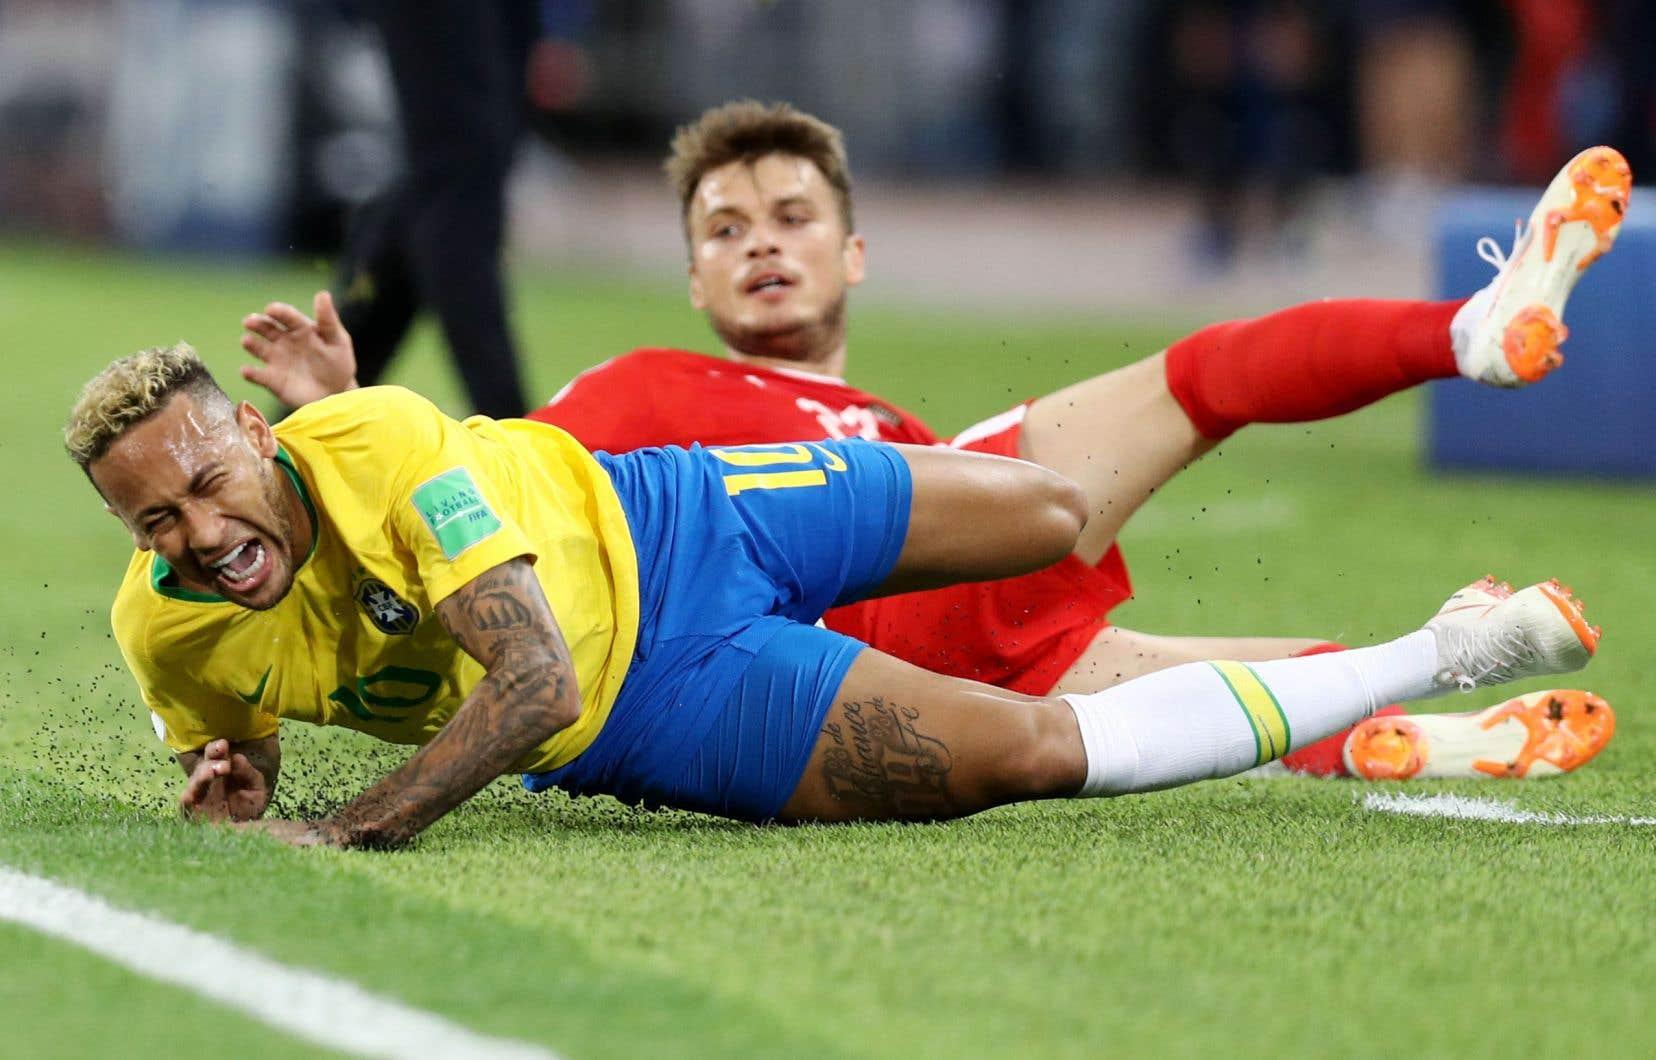 La vedette brésilienne Neymar a enfilé plusieurs roulades en grimaçant après un contact avec un joueur serbe, le 27 juin.